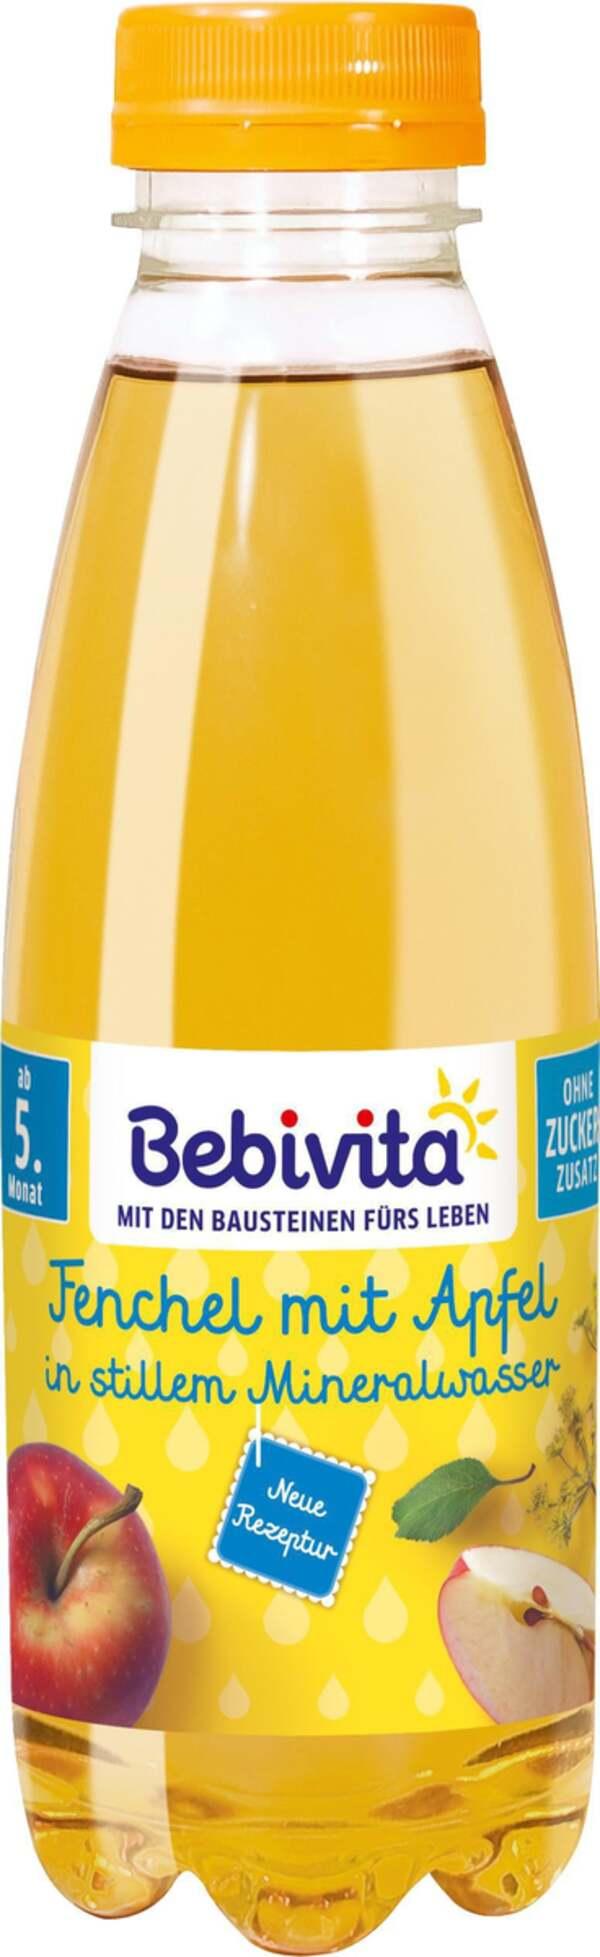 Bebivita Bio Fenchel mit Apfel in stillem Mineralwasser